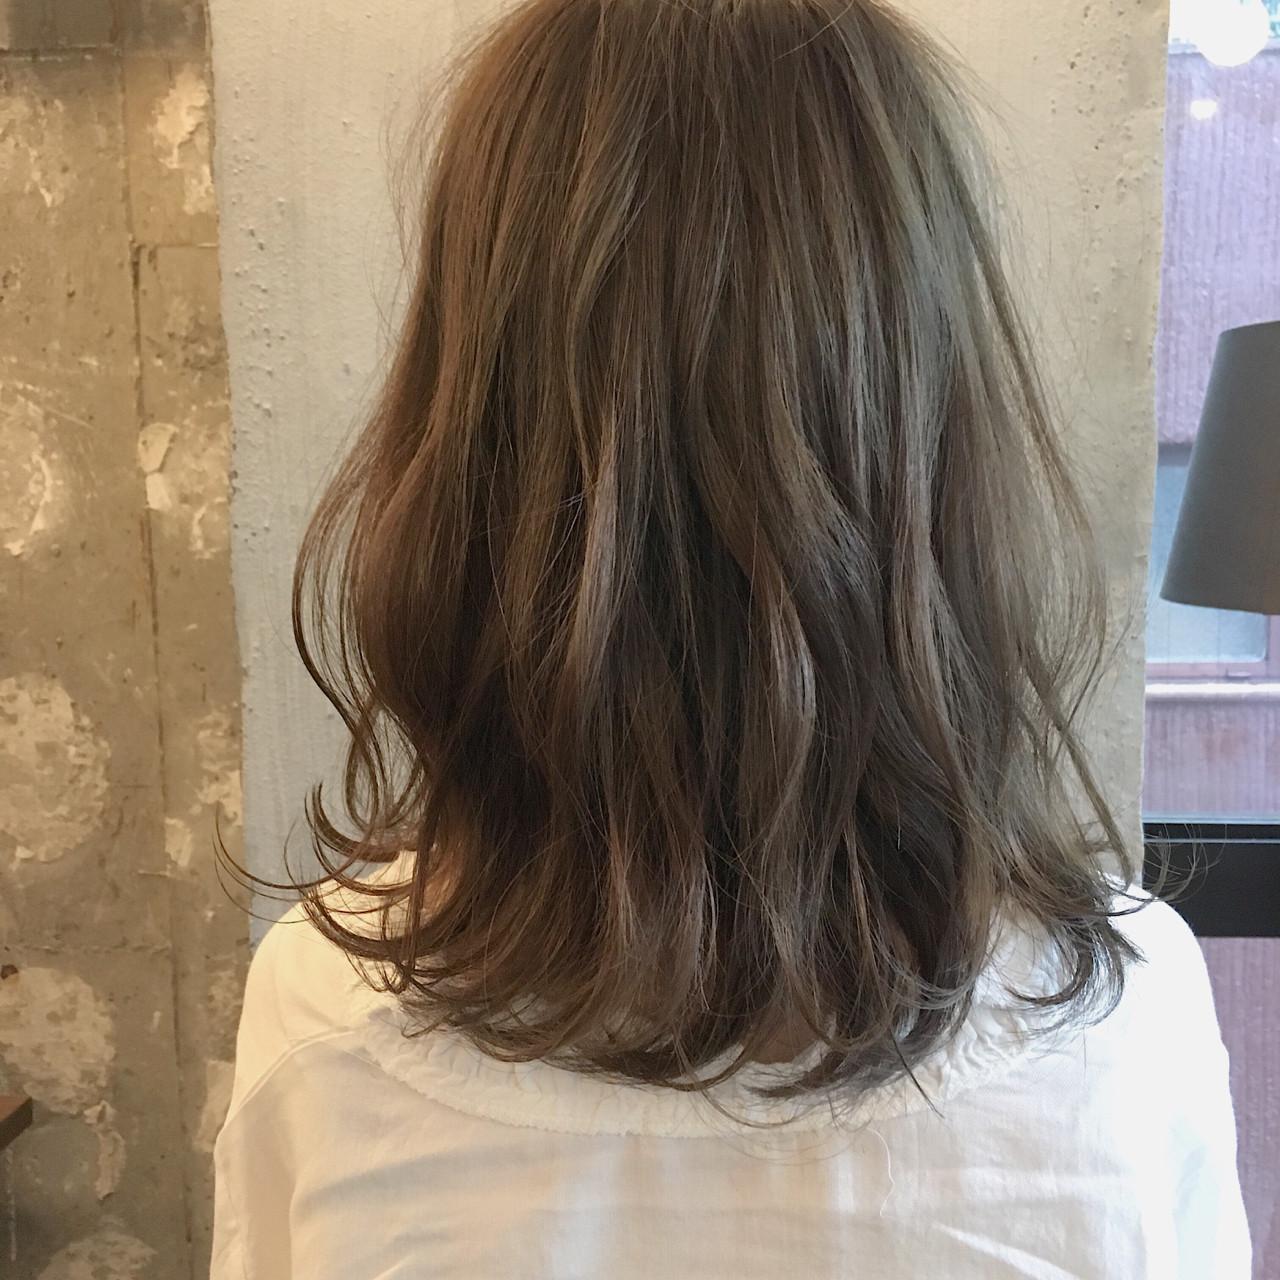 ナチュラル 透明感 オフィス 女子会 ヘアスタイルや髪型の写真・画像 | 冨永 真太郎 / 人トナリ